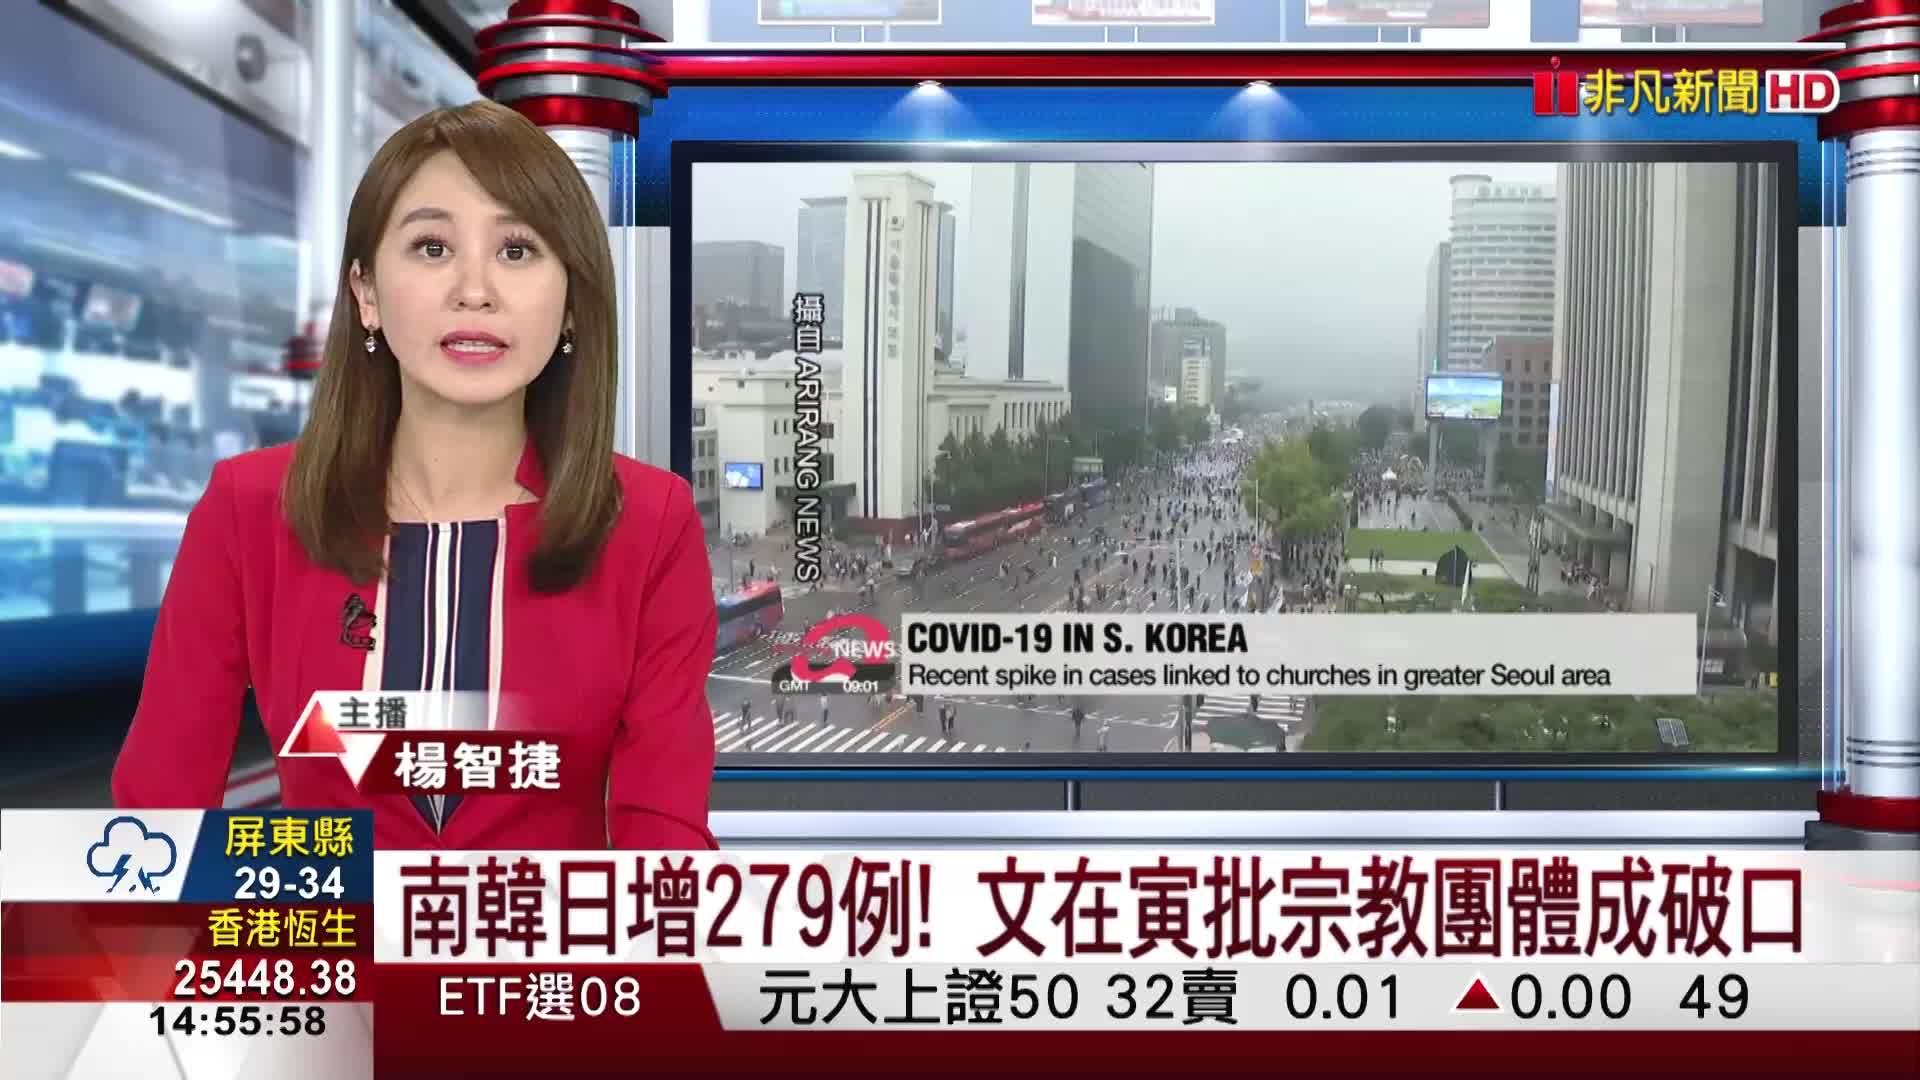 南韓日增279例! 文在寅批宗教團體成破口